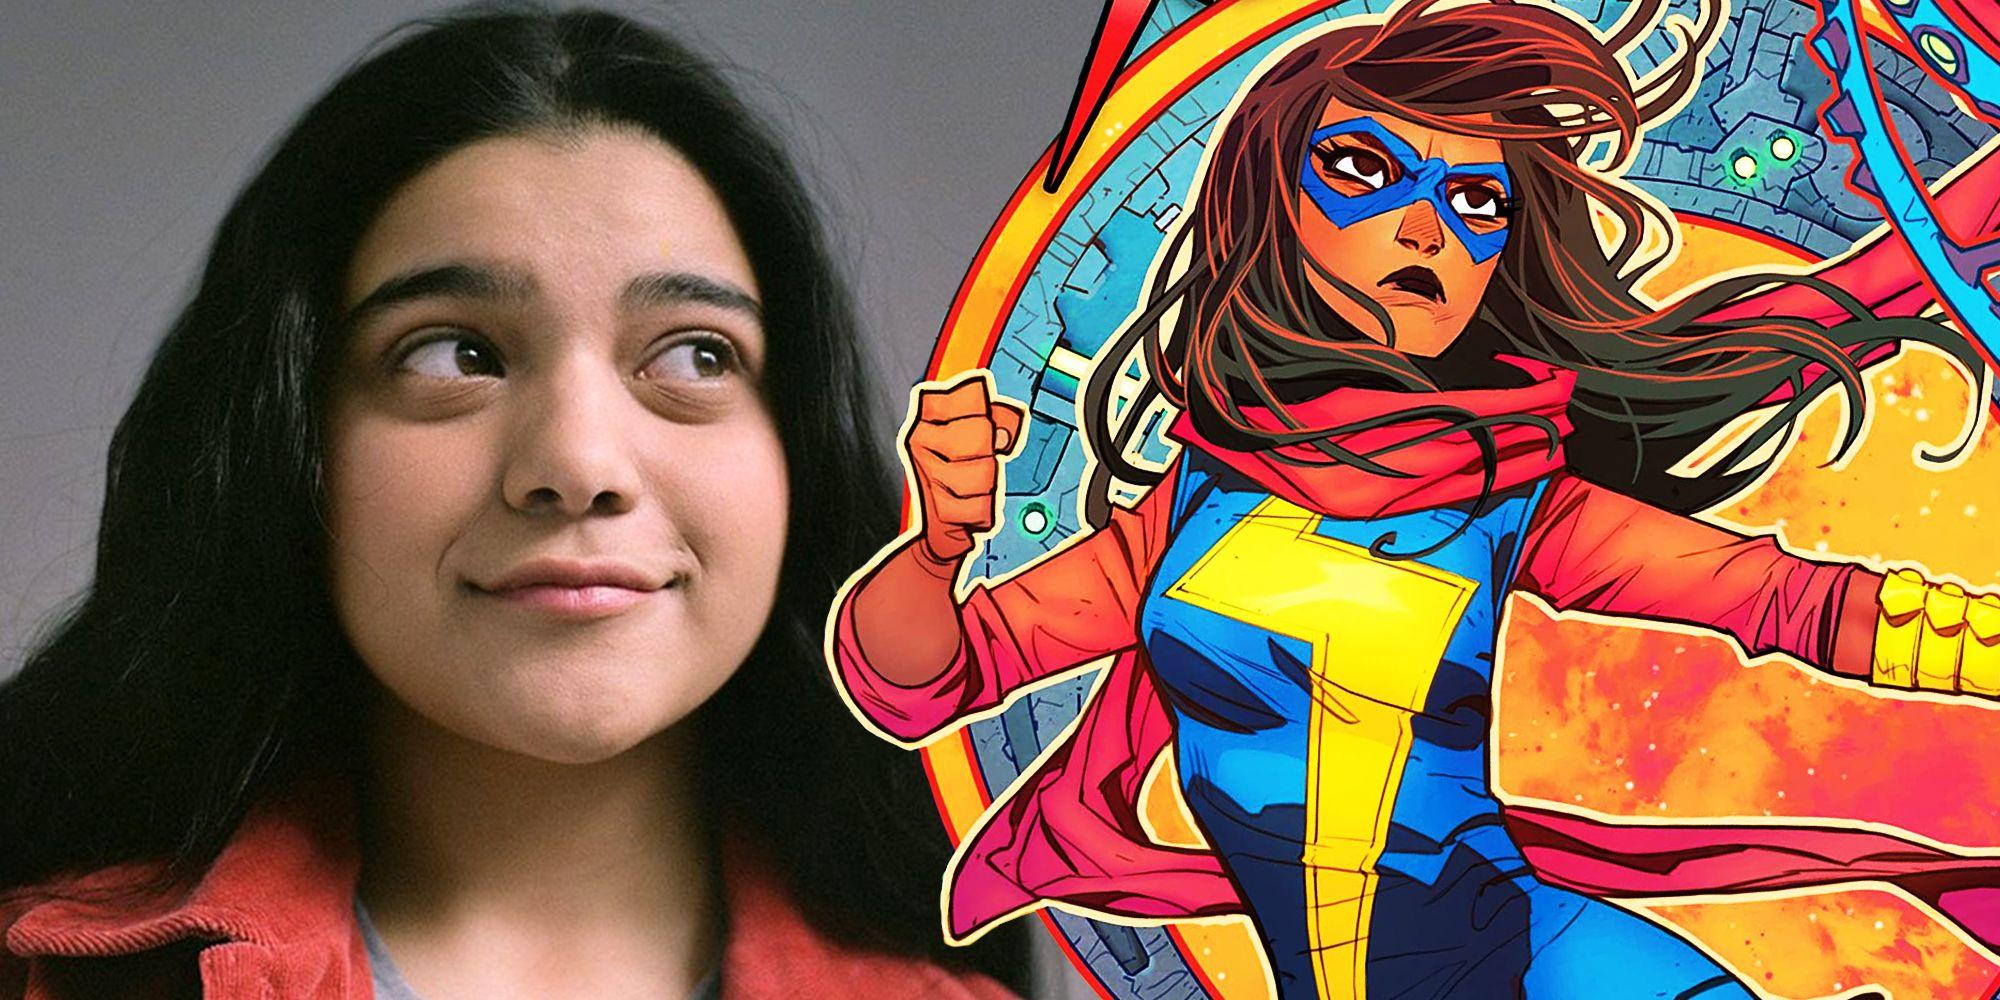 Elenco de Jovens Vingadores MCU da Marvel (como nós o conhecemos) 2